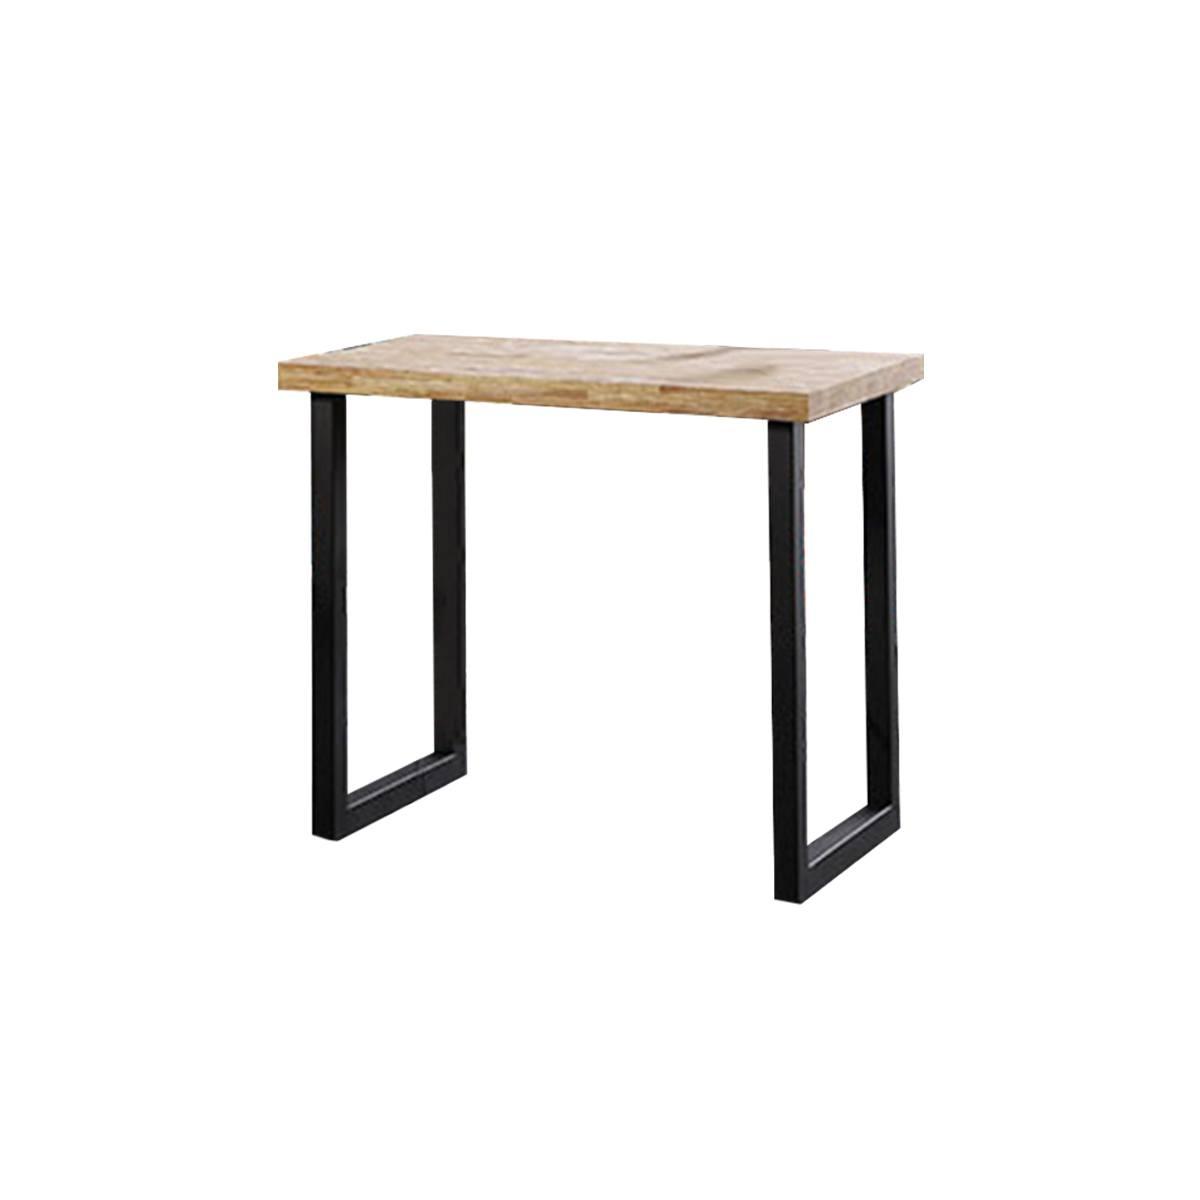 Mesa alta comedor bicolor negro/madera natural 120cm